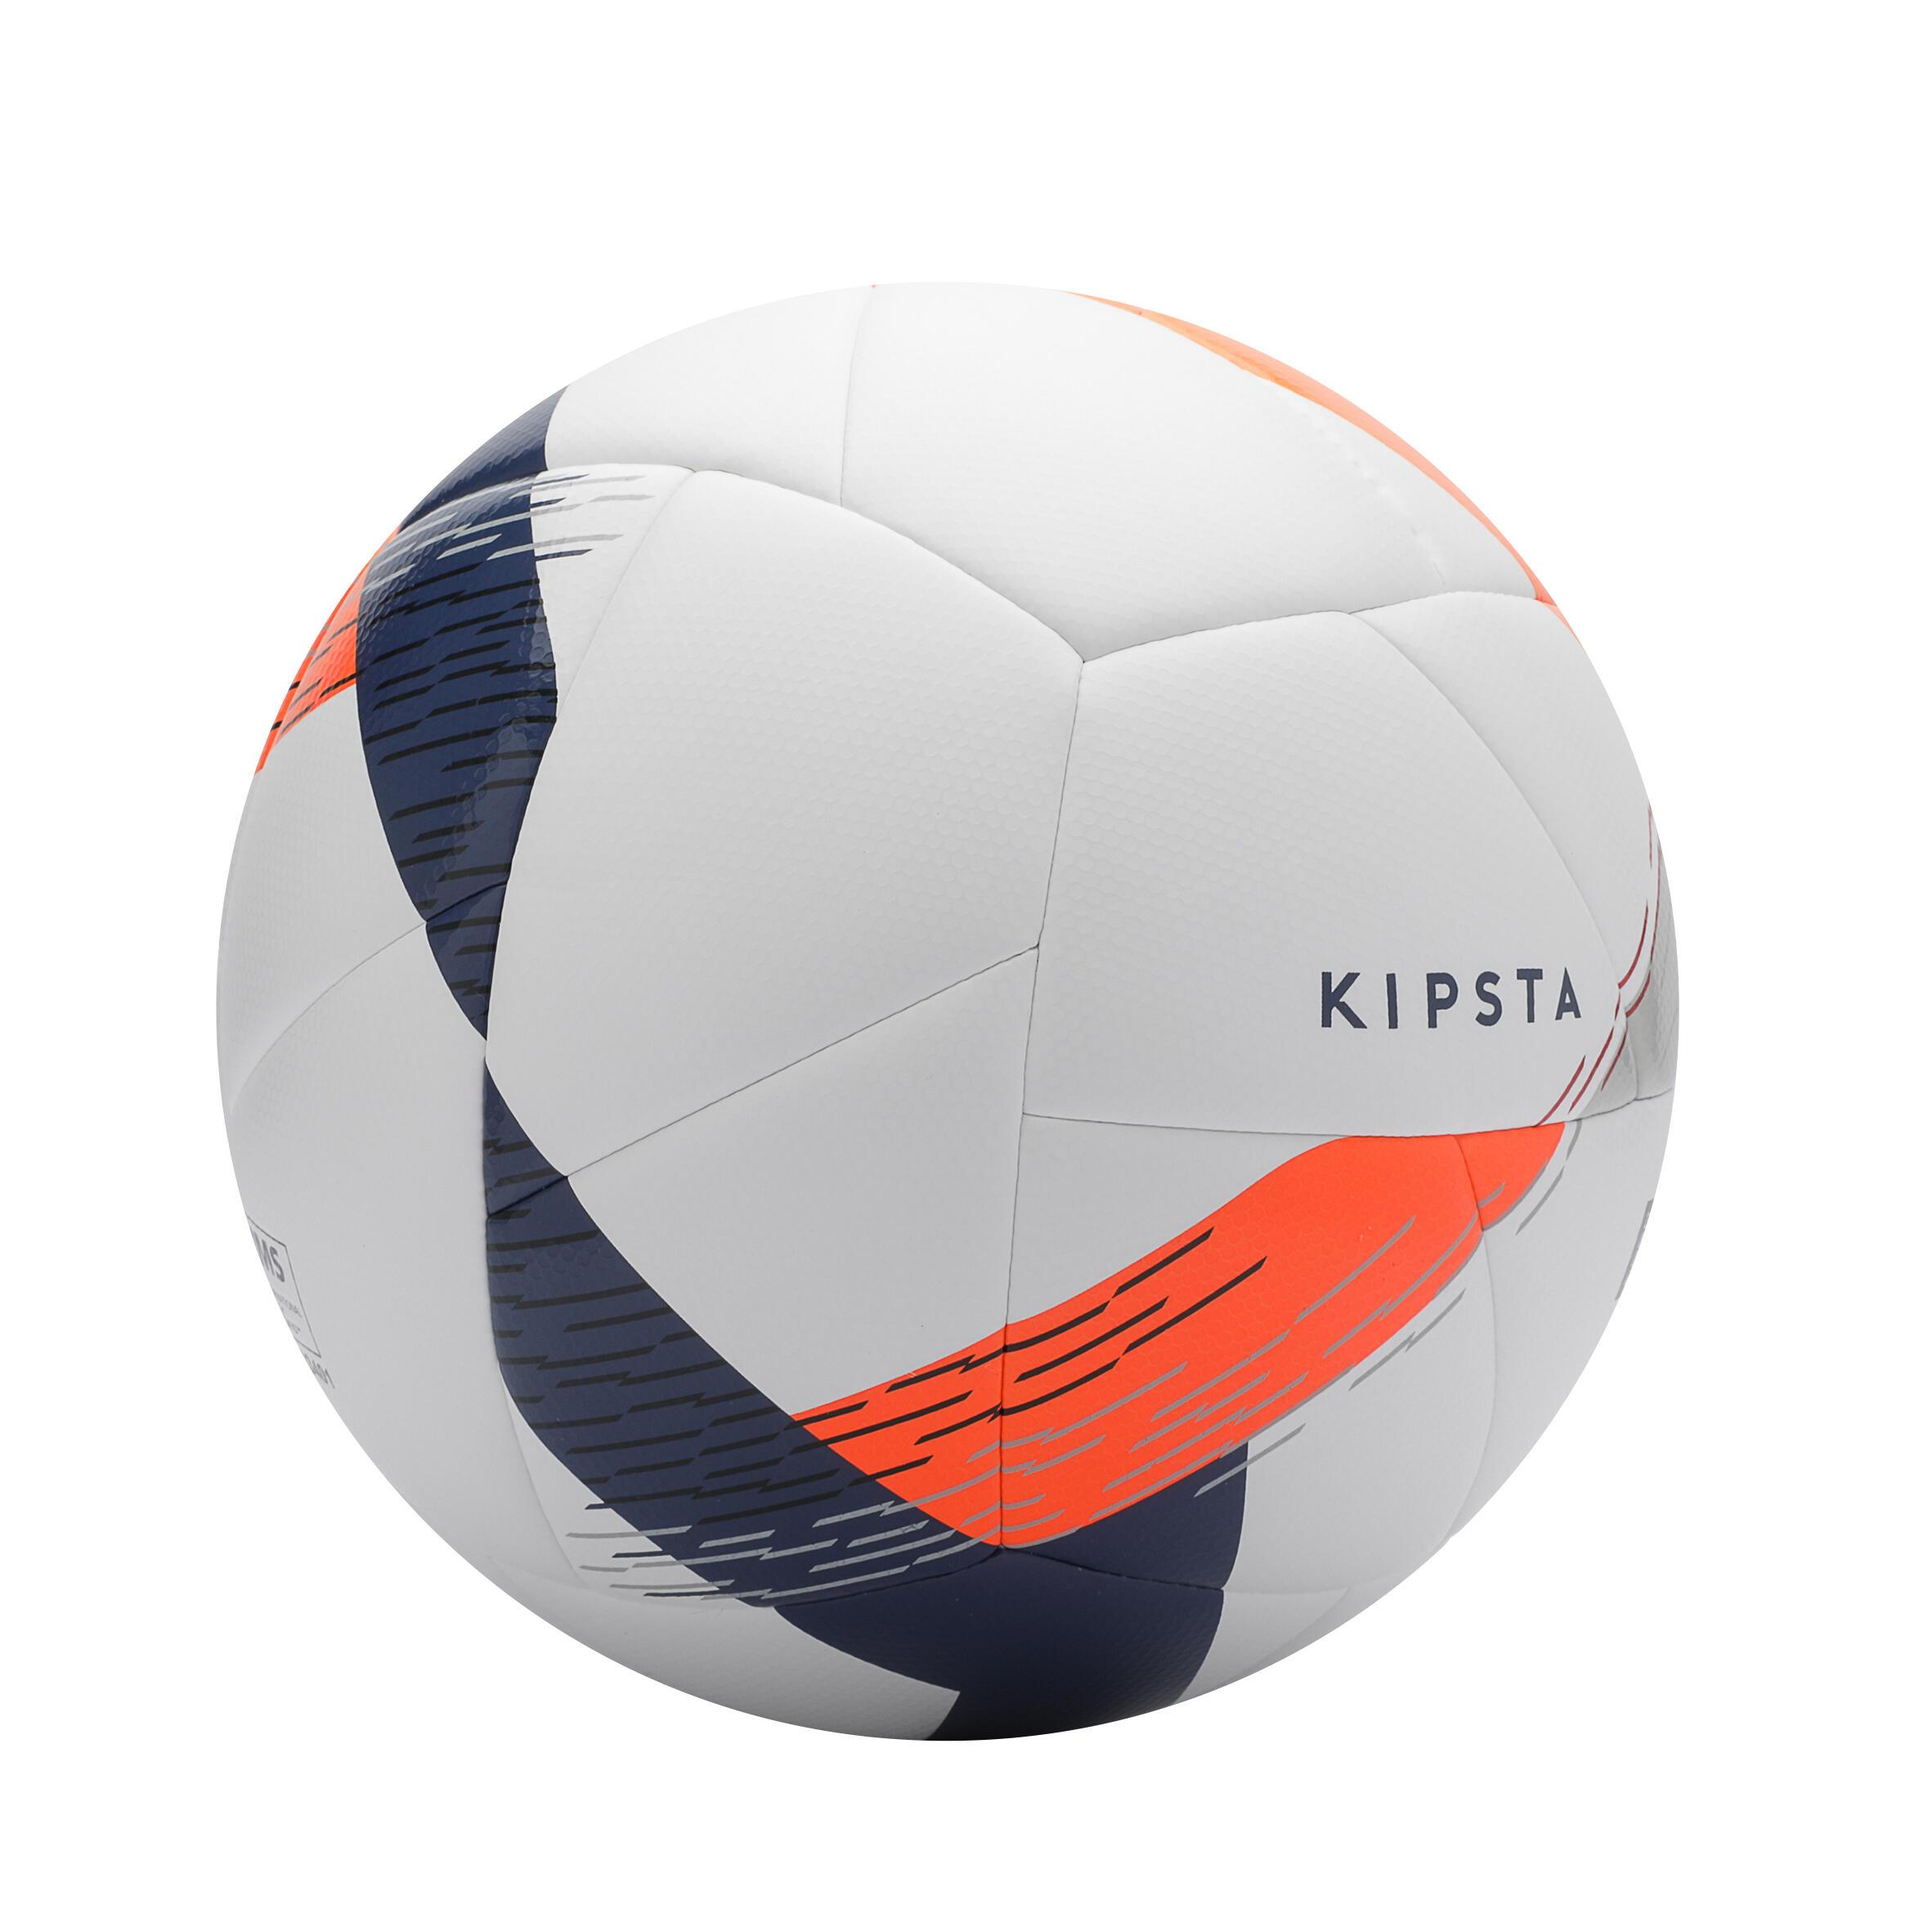 Taille 5 20 cm en mousse souple éponge ballons de football 1,3,6 ou 12-Rouge//Jaune//Bleu